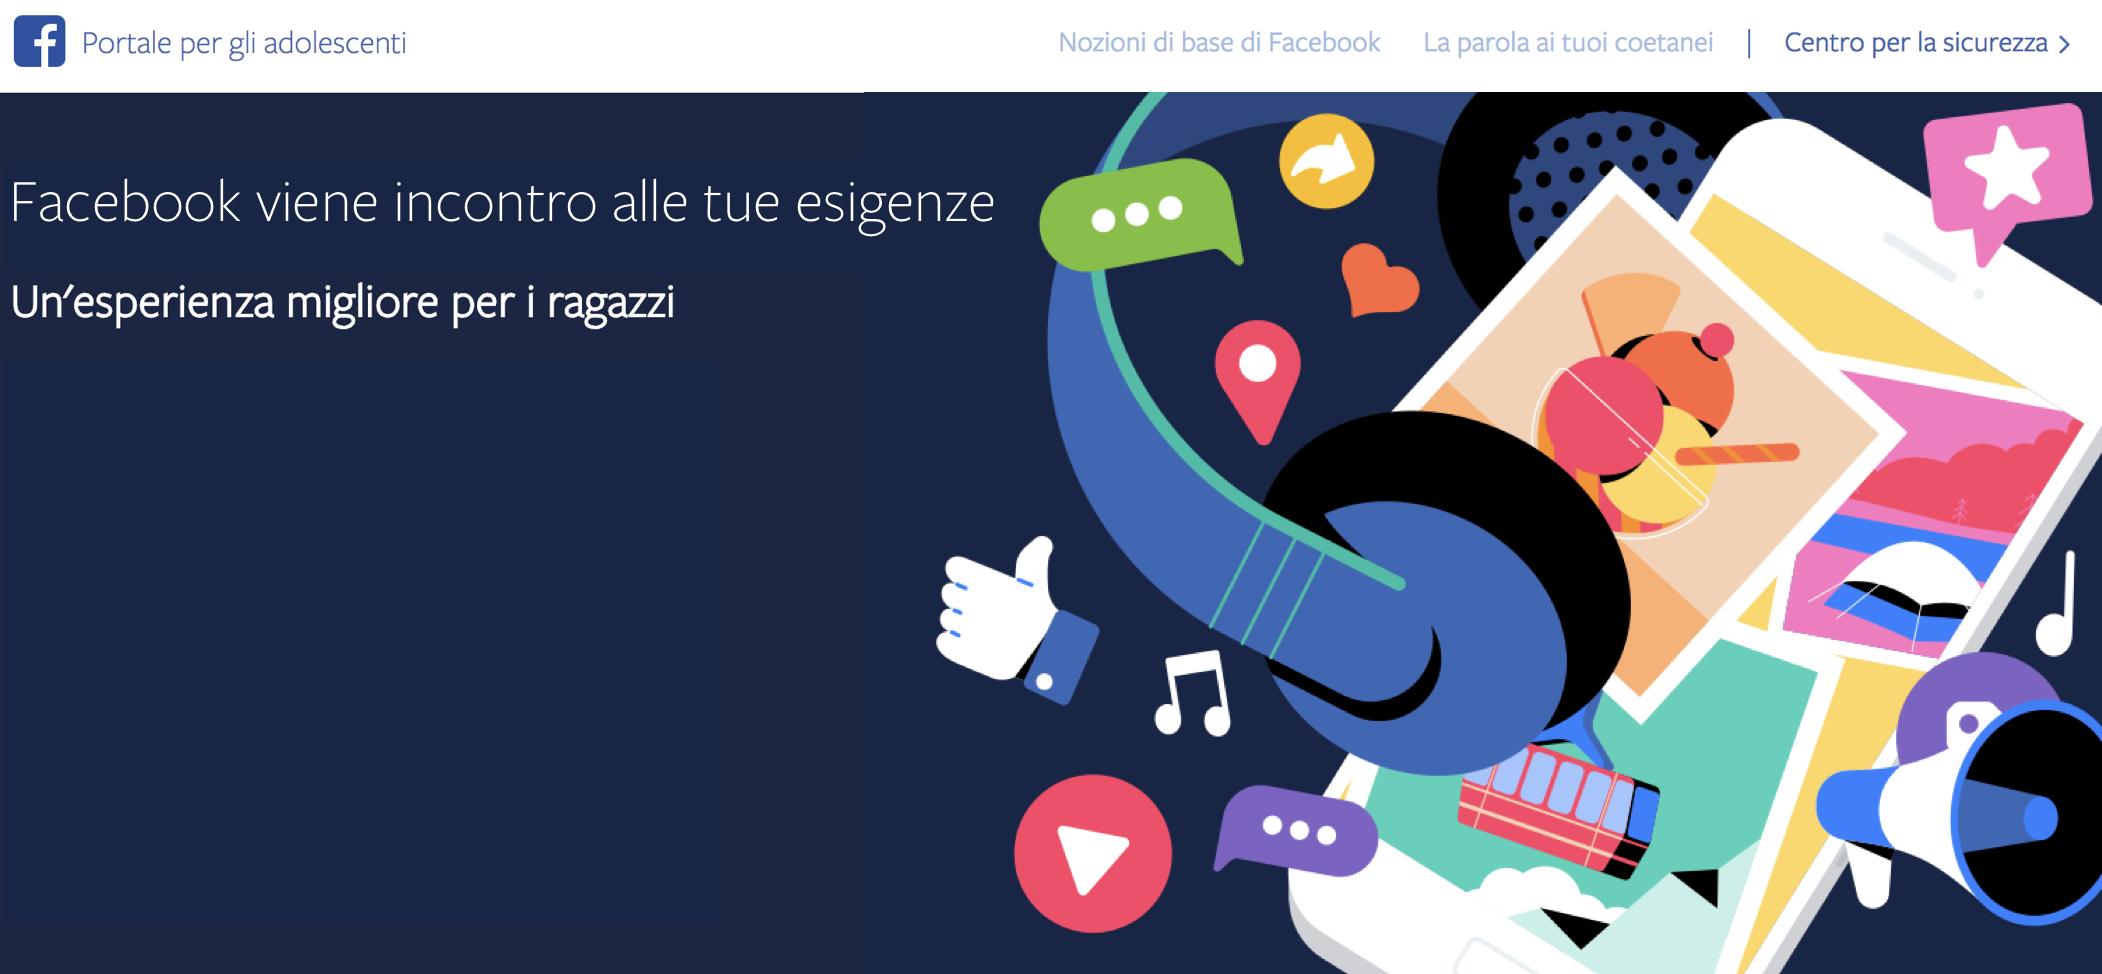 Facebook : 10 consigli per gli adolescenti